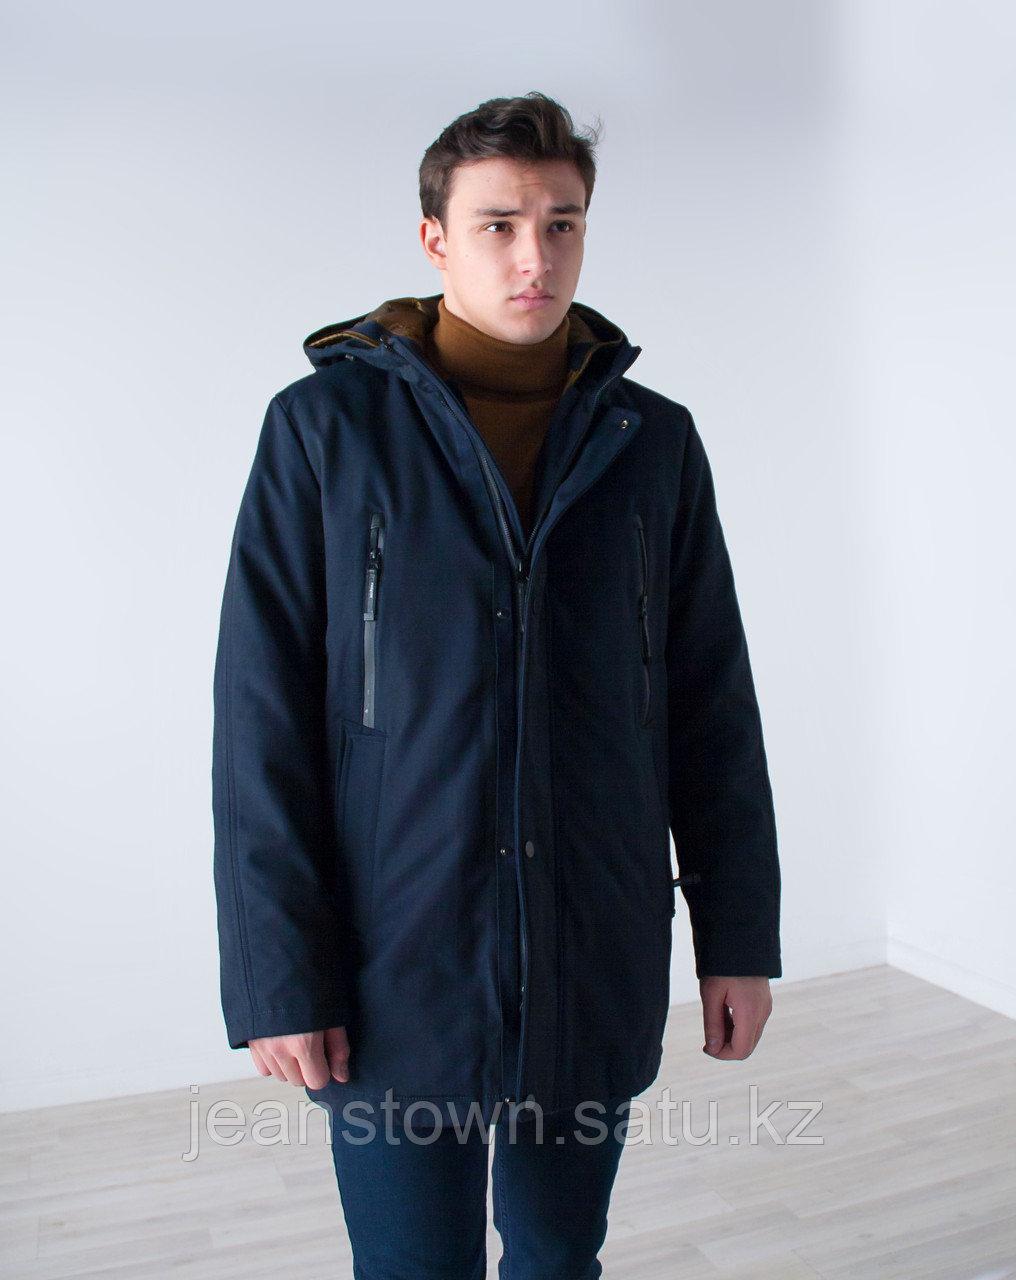 Куртка мужская зимняя City Class длинная,на подстежке - фото 4